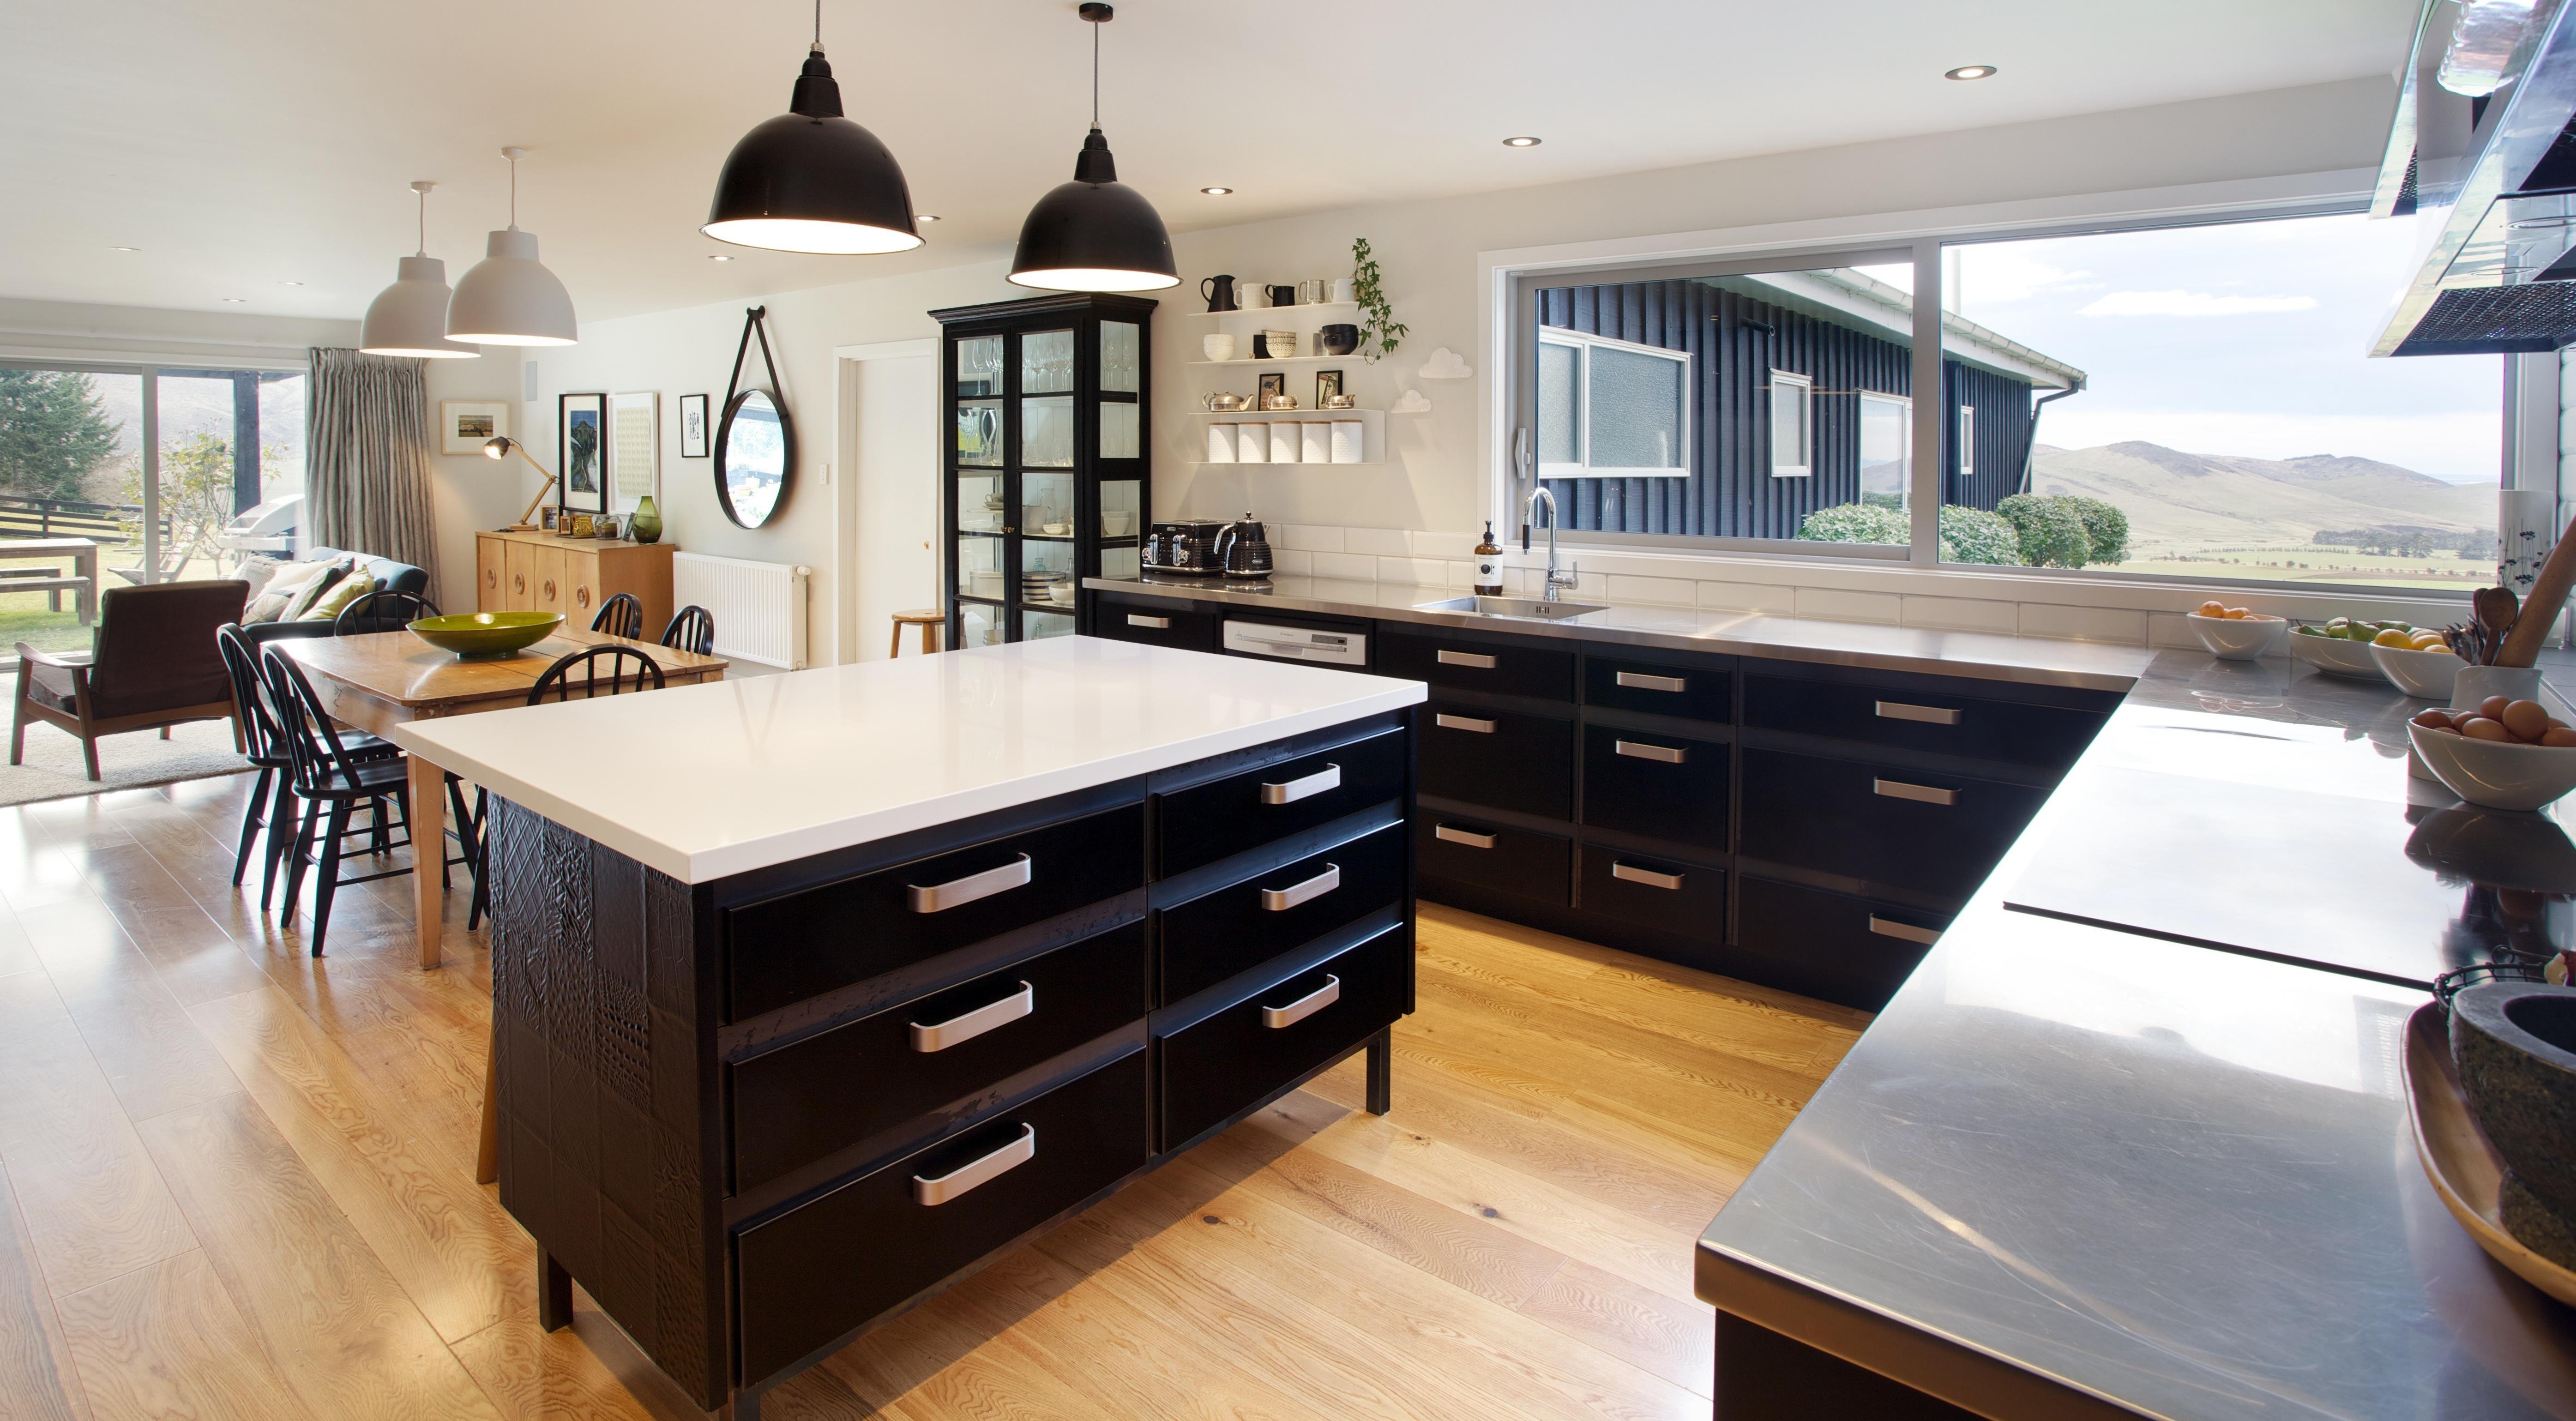 Kitchen Design New Zealand Trends International Design Awards New Zealand Master Class Kitchens